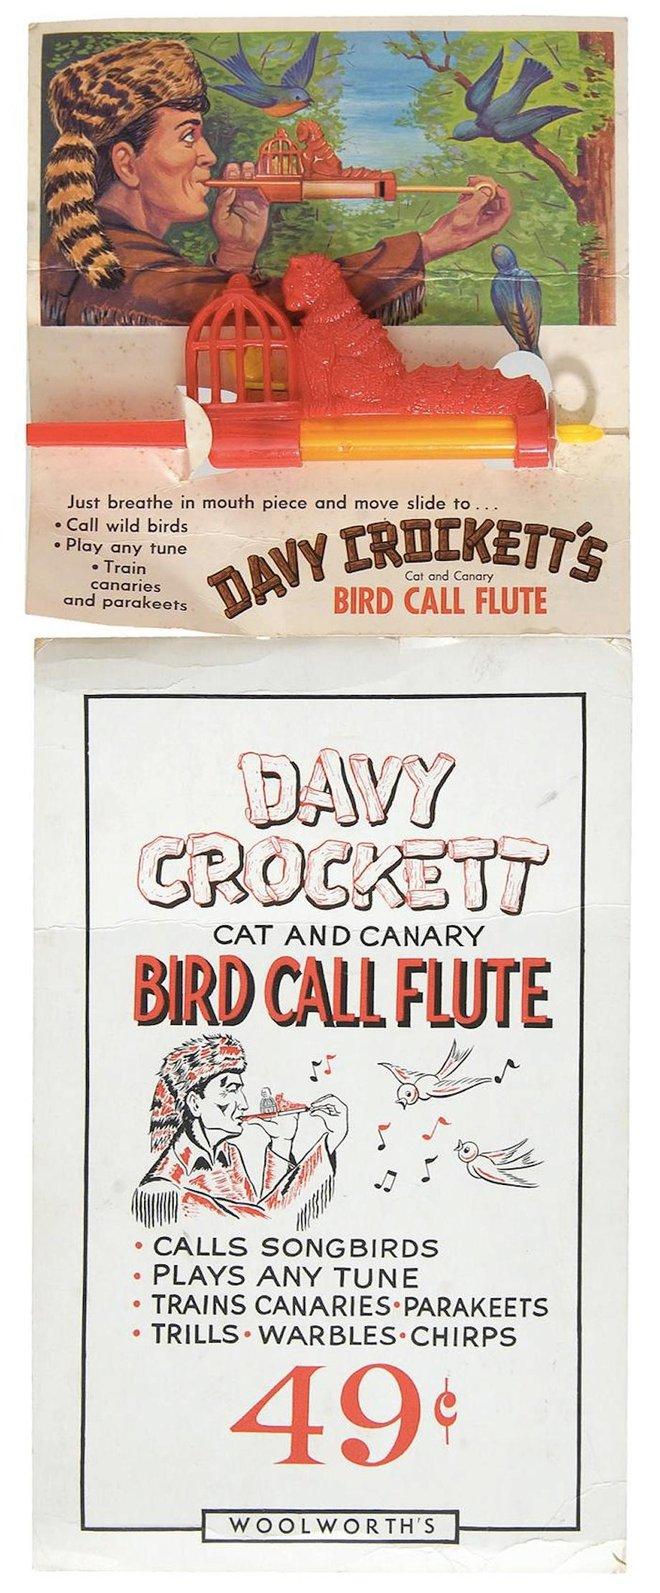 Tranh quảng cáo chiếc sáo Davy Crockett Cat và Canary Bird Call.